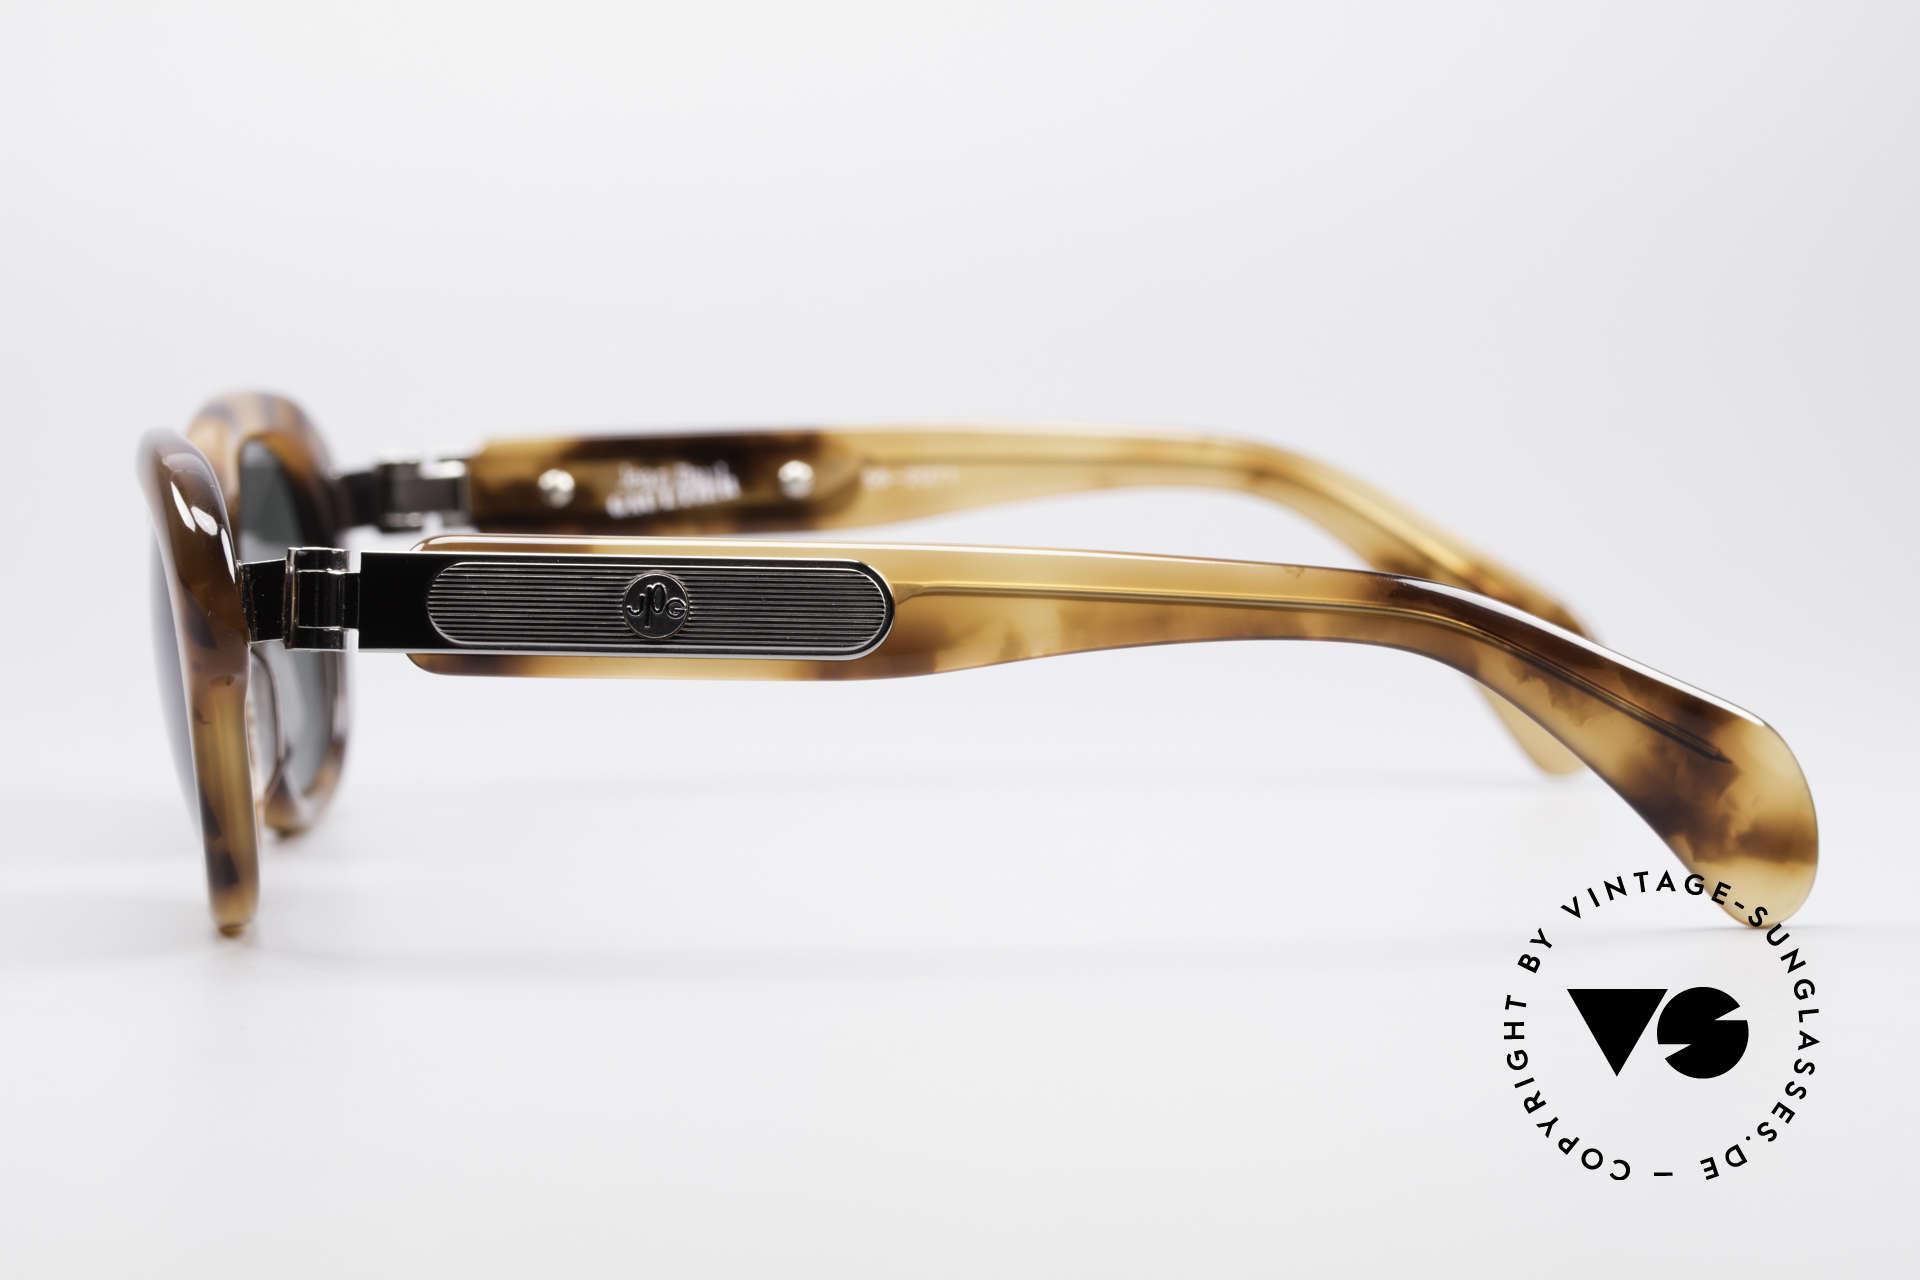 Jean Paul Gaultier 56-2071 No Retro Echt Vintage Brille, ungetragen (wie all unsere vintage Gaultier Brillen), Passend für Damen